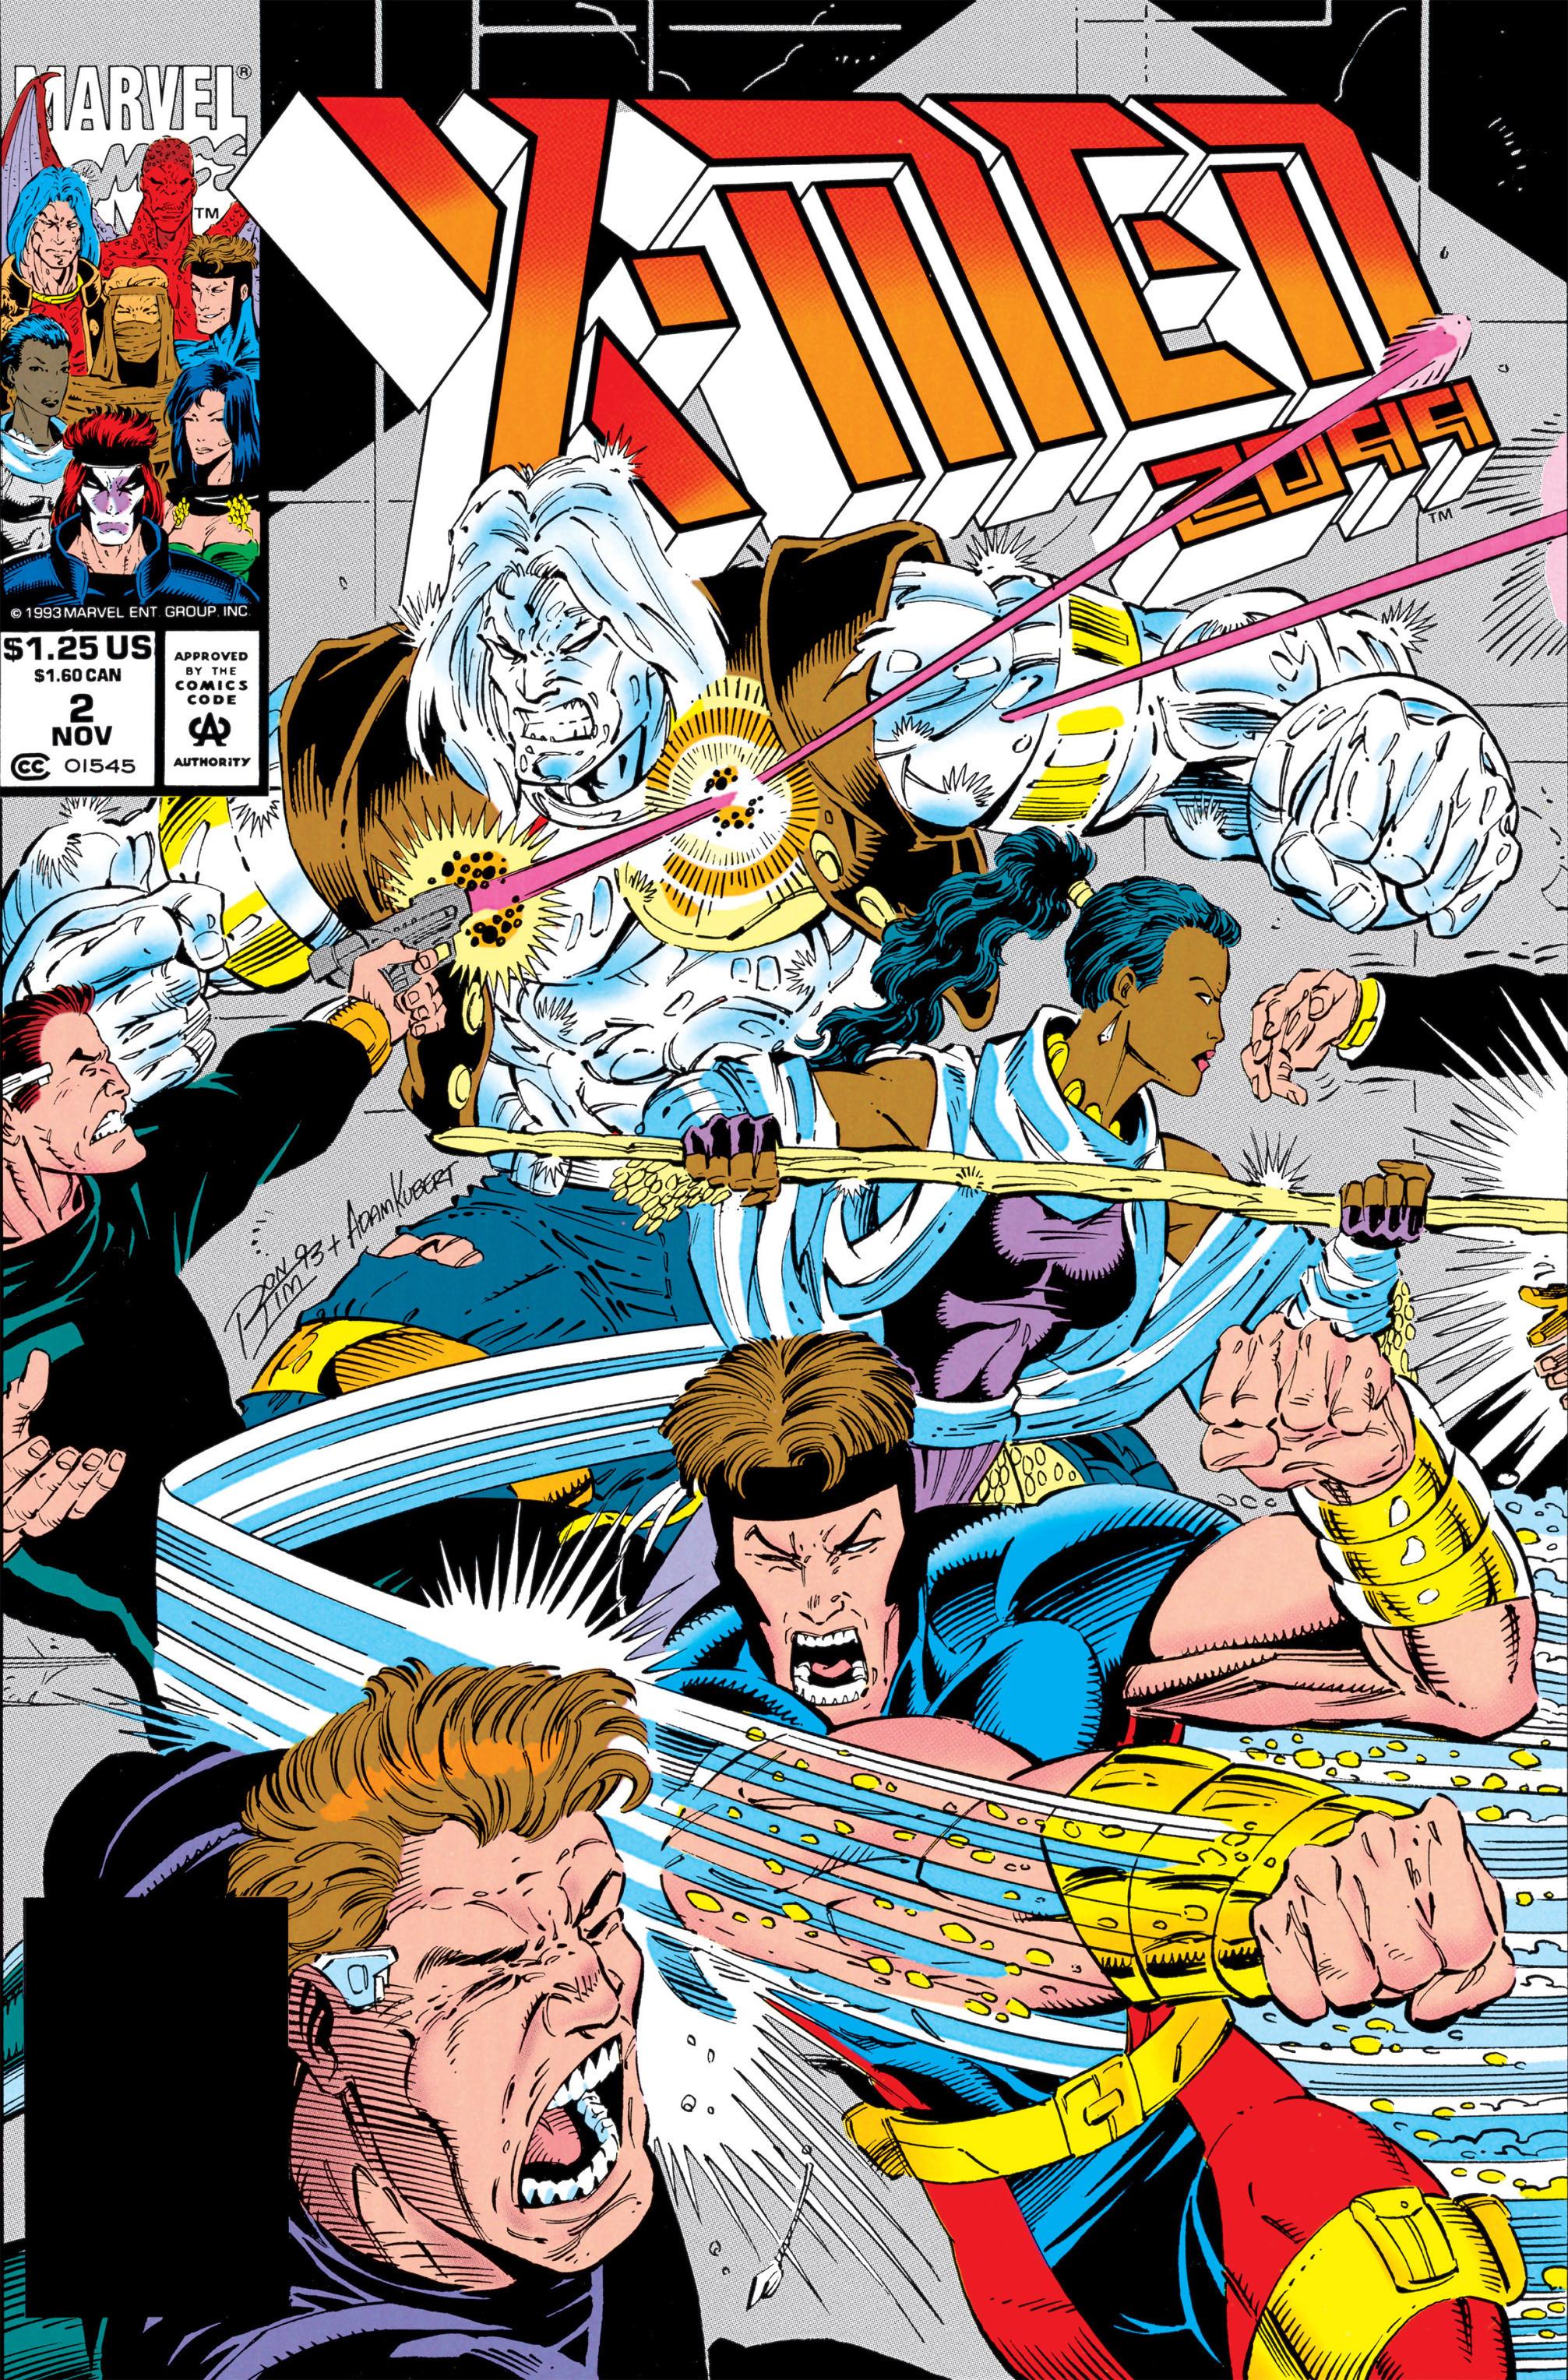 X-Men 2099 Vol 1 2